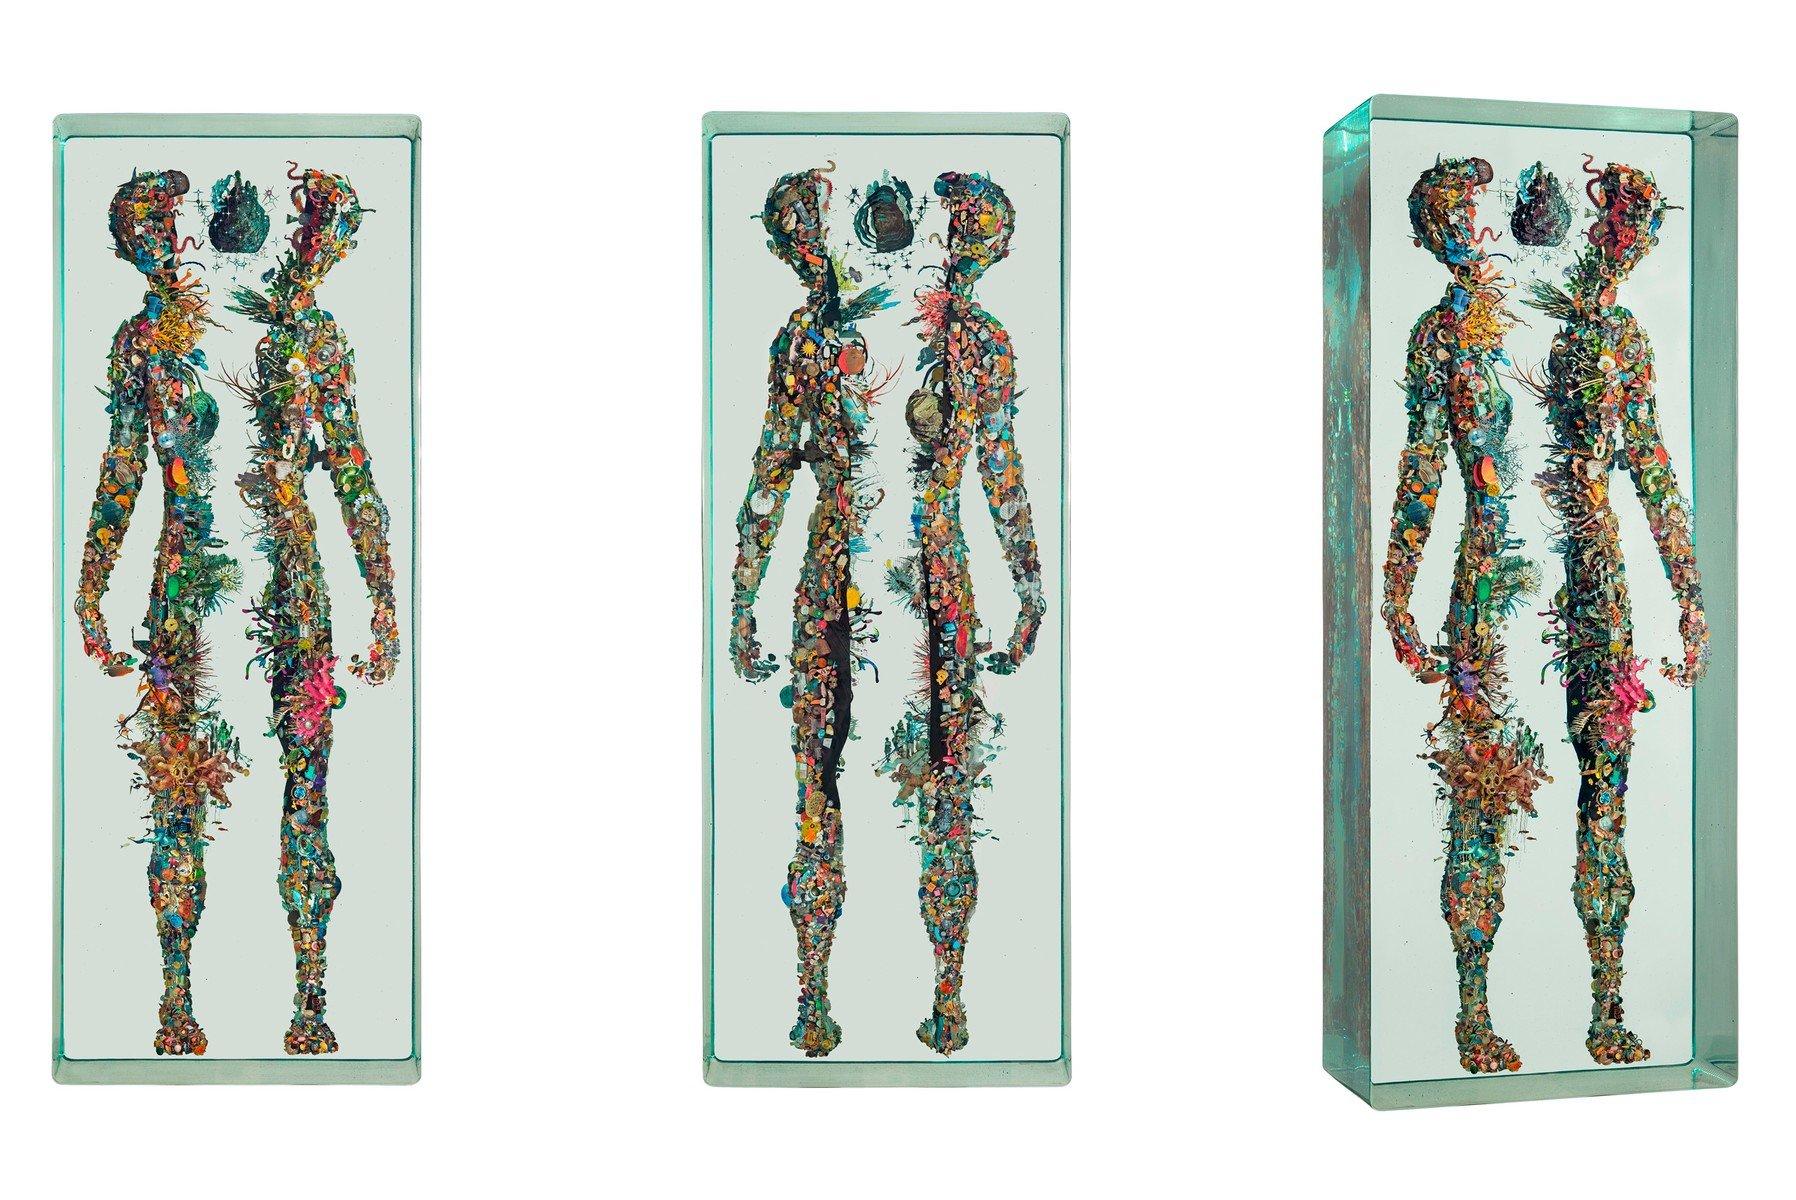 Dustin Yellin - Psychogeography 87